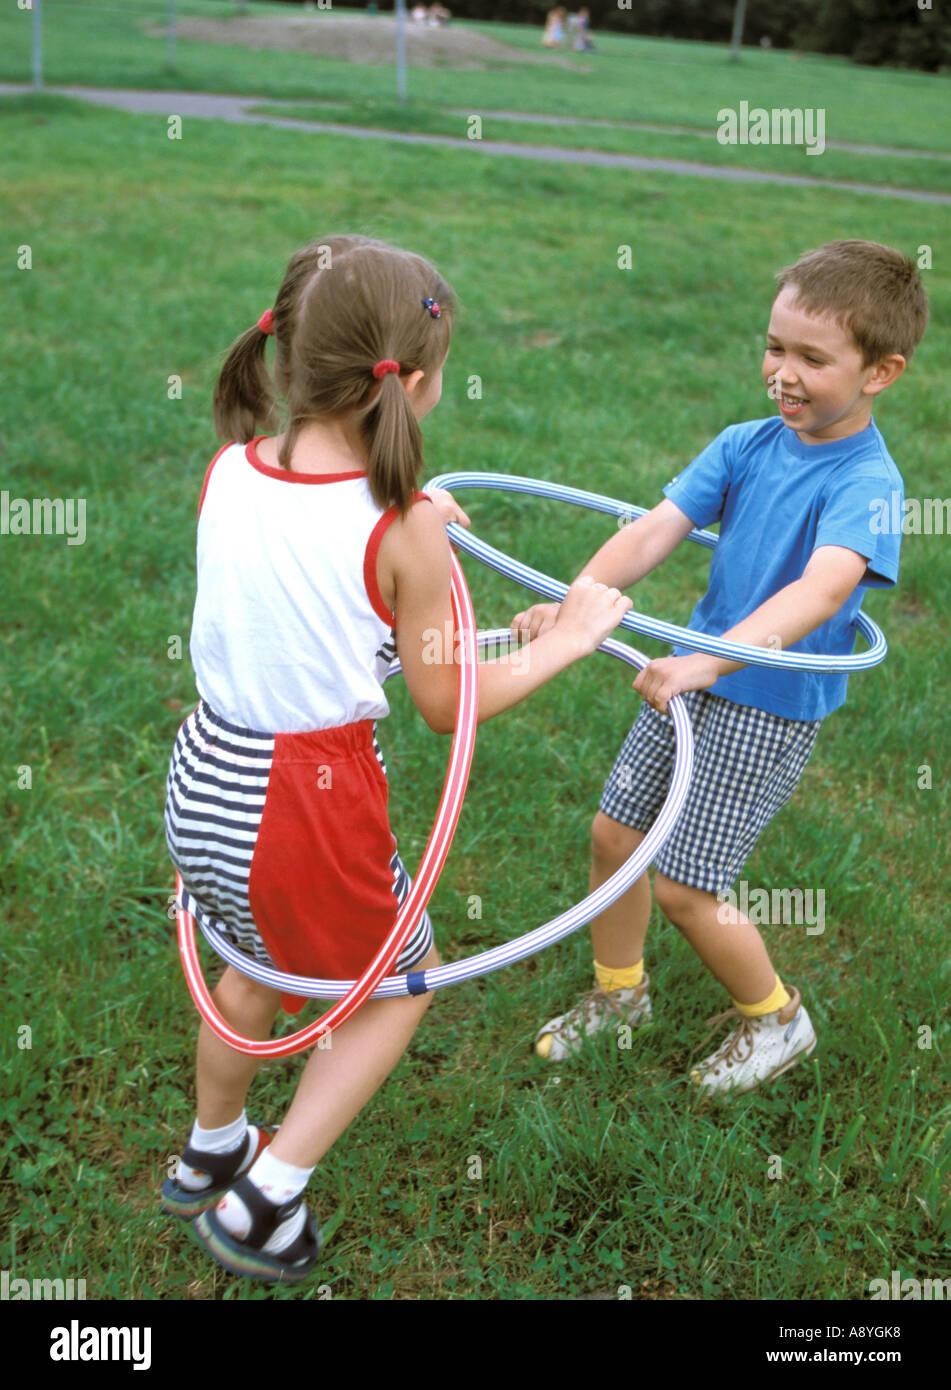 Un ragazzo e una ragazza a giocare con hula hop cerchi MR8417 7A Immagini Stock